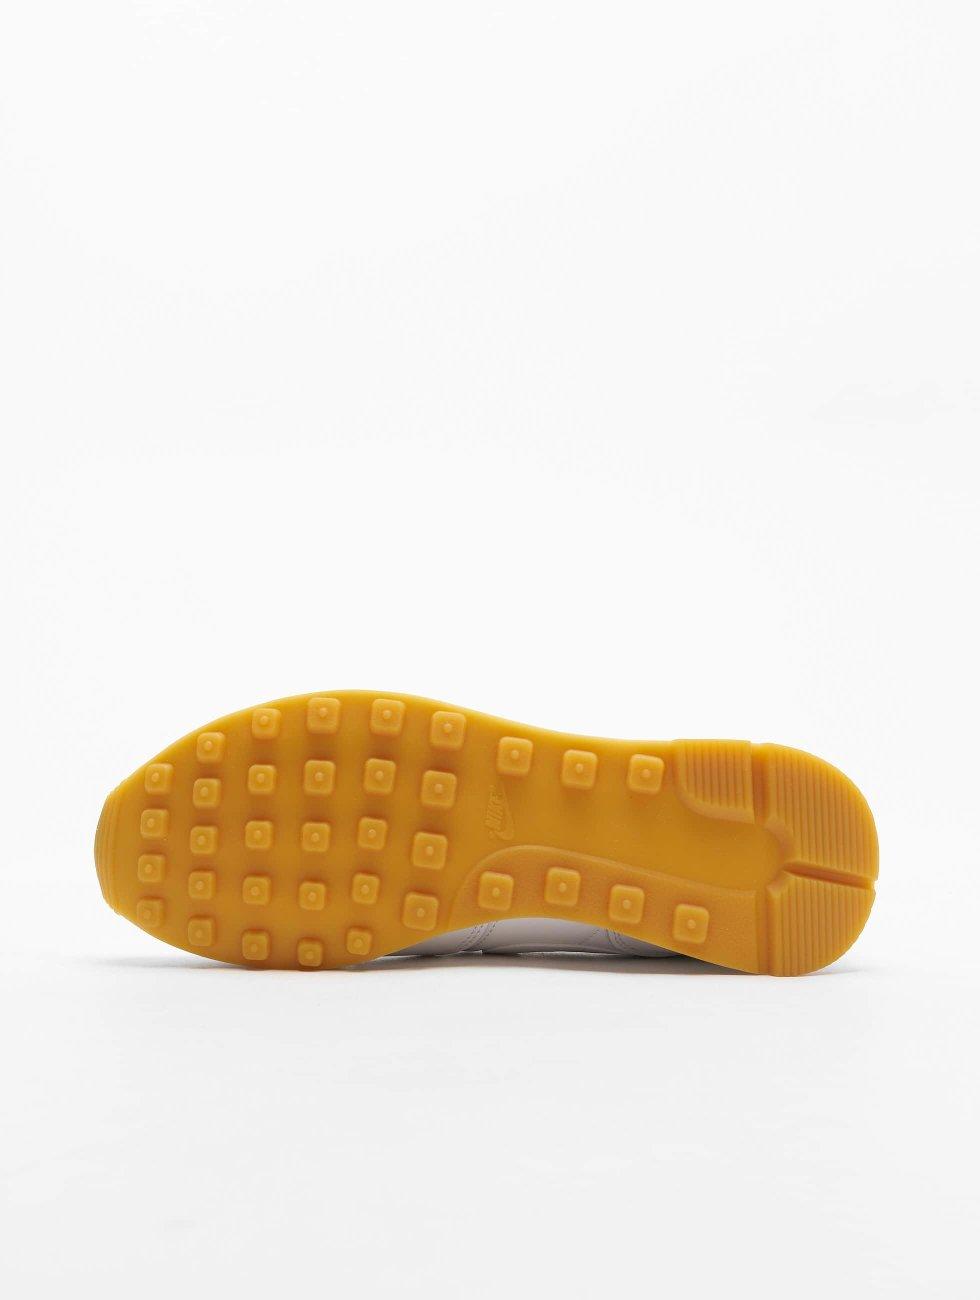 Paiement Visa Rabais officiel Nike Schoen / Internationaliste De Chaussure Dans L'esprit 443254 Magasin Vente En Ligne Vente Footlocker Finishline BBS3nQNWx8